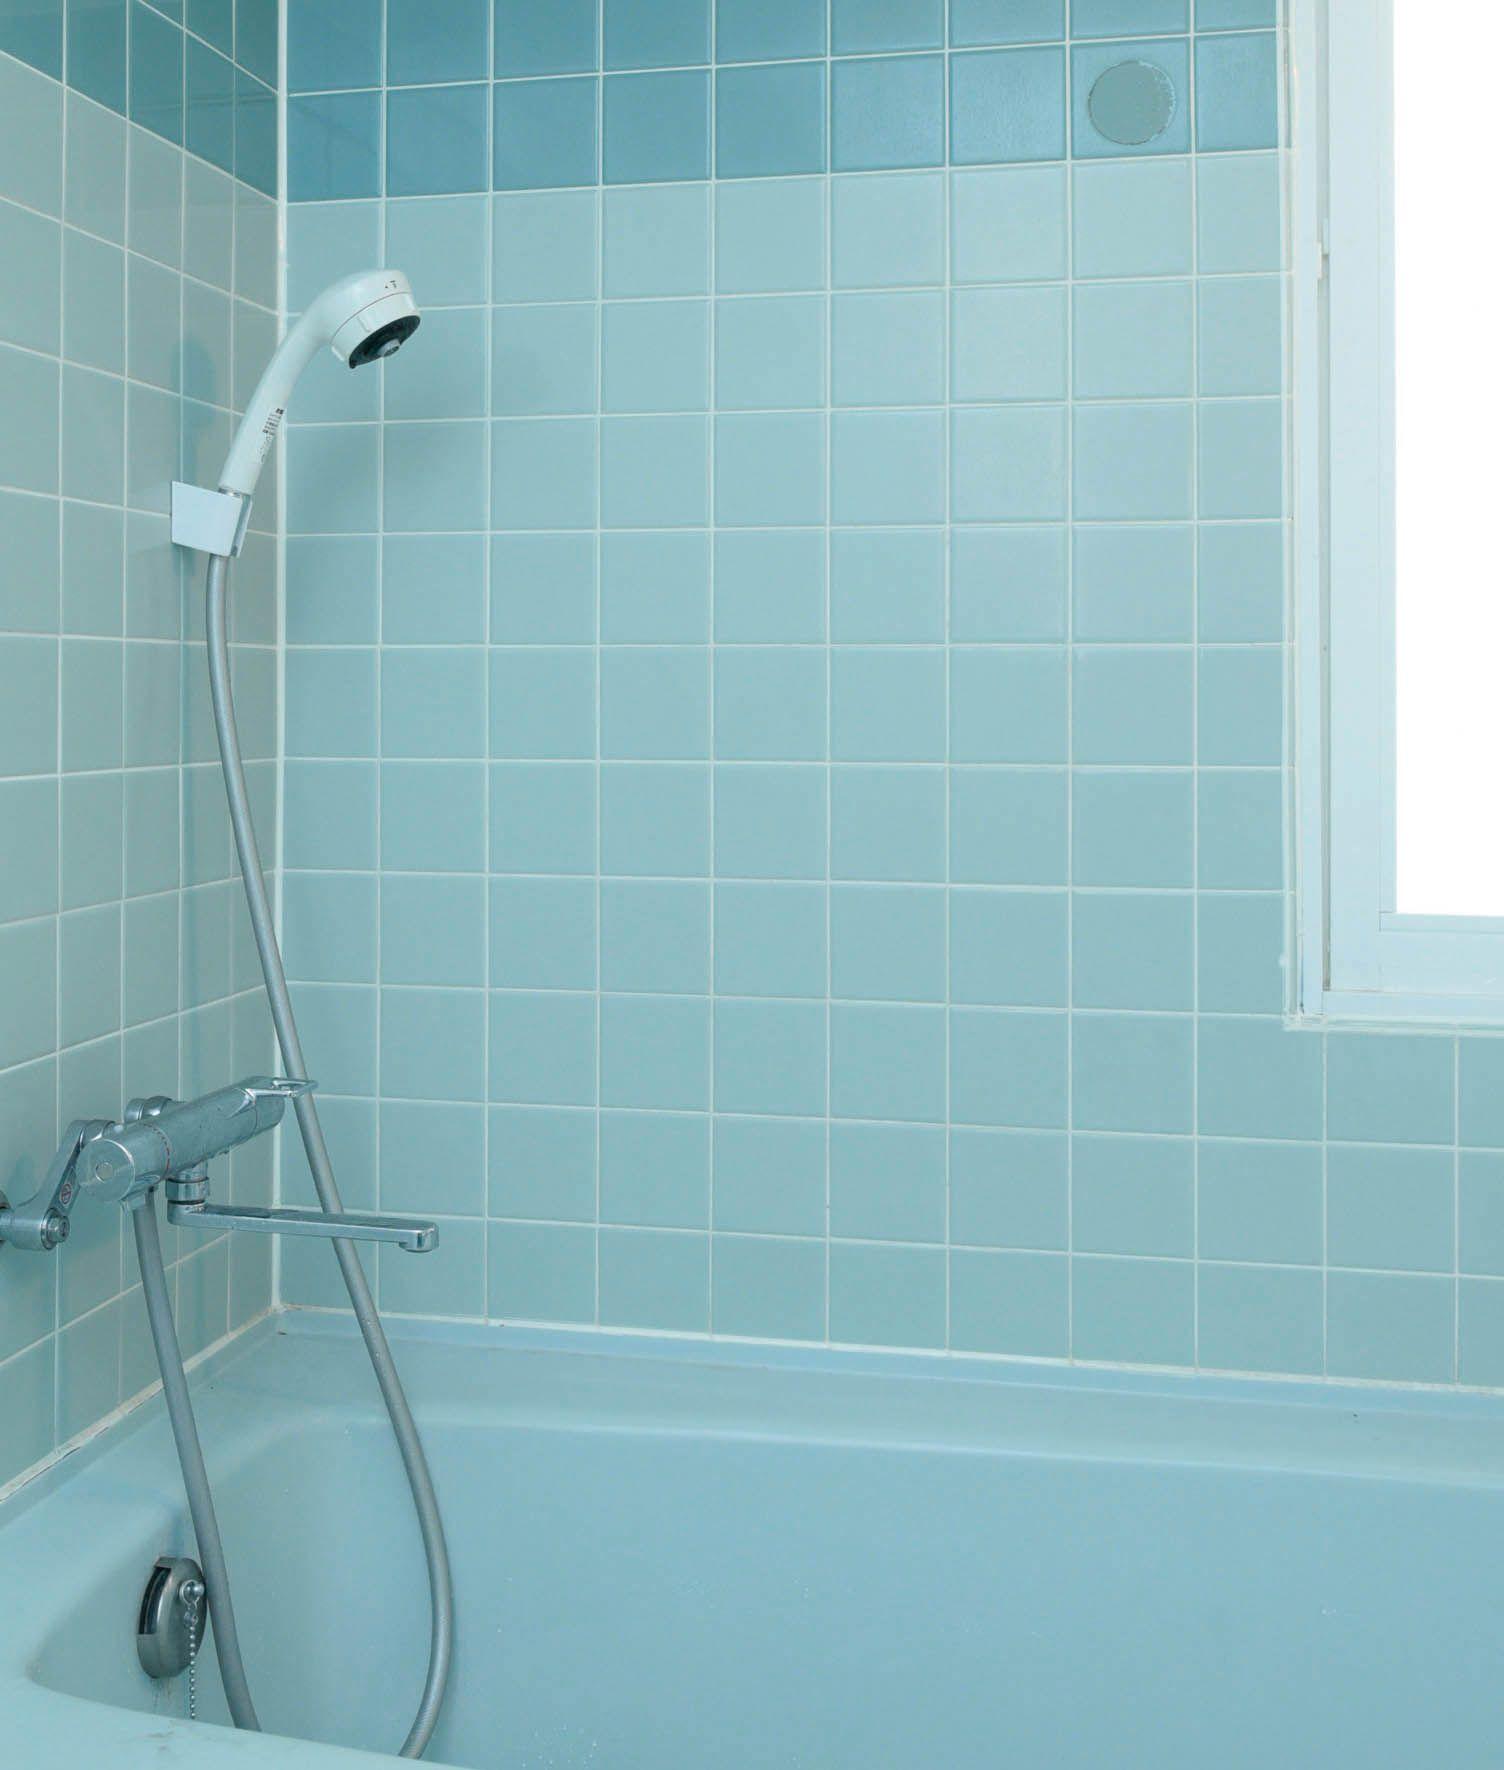 The360 Life 知ってた お風呂にも壁紙シールって貼れるんです